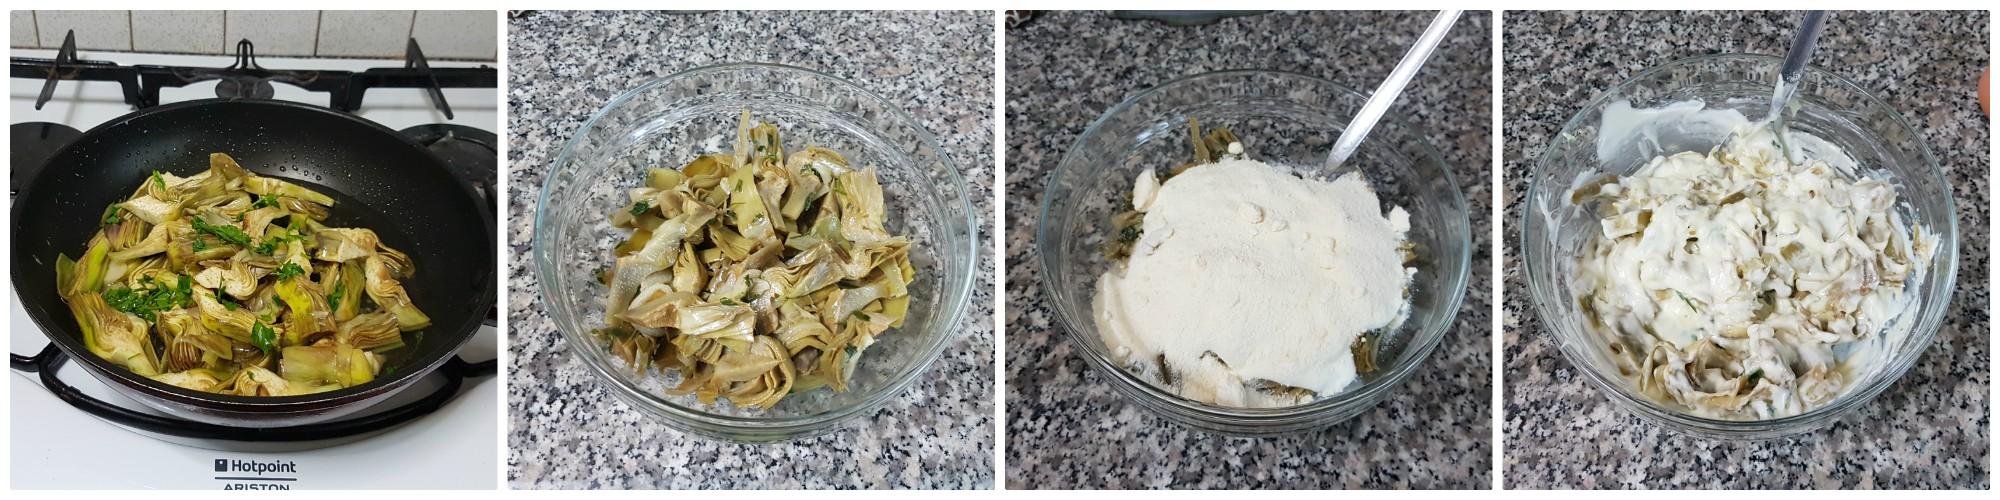 Torta salata con carciofi e stracchino